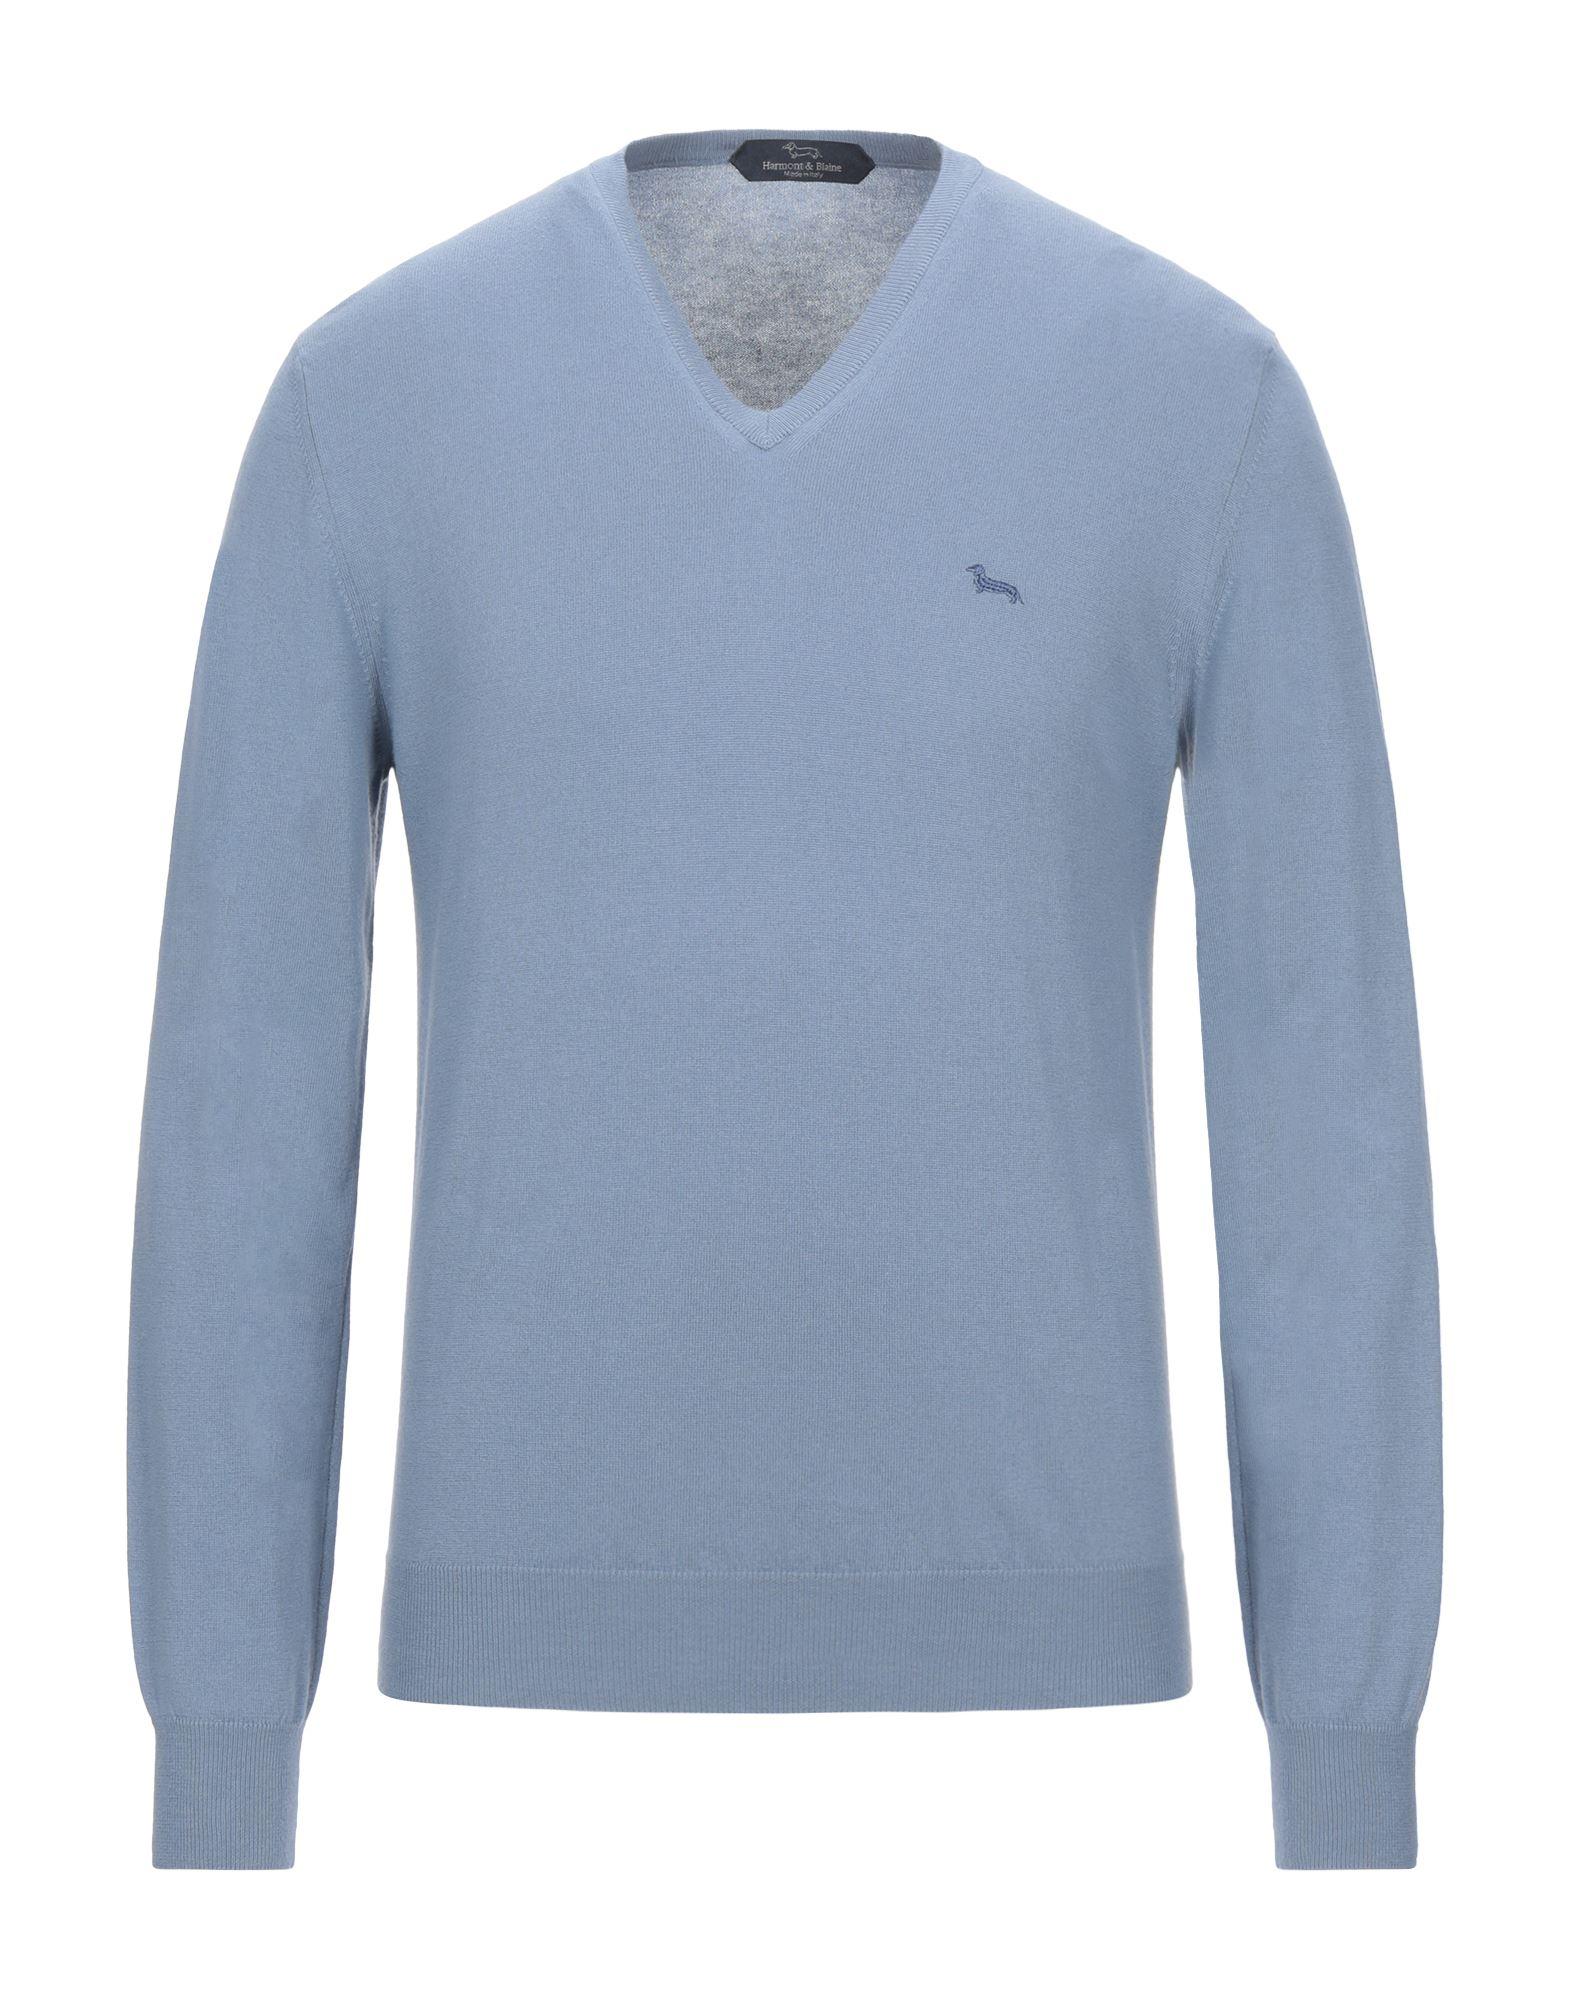 HARMONT & BLAINE Sweaters - Item 14093267